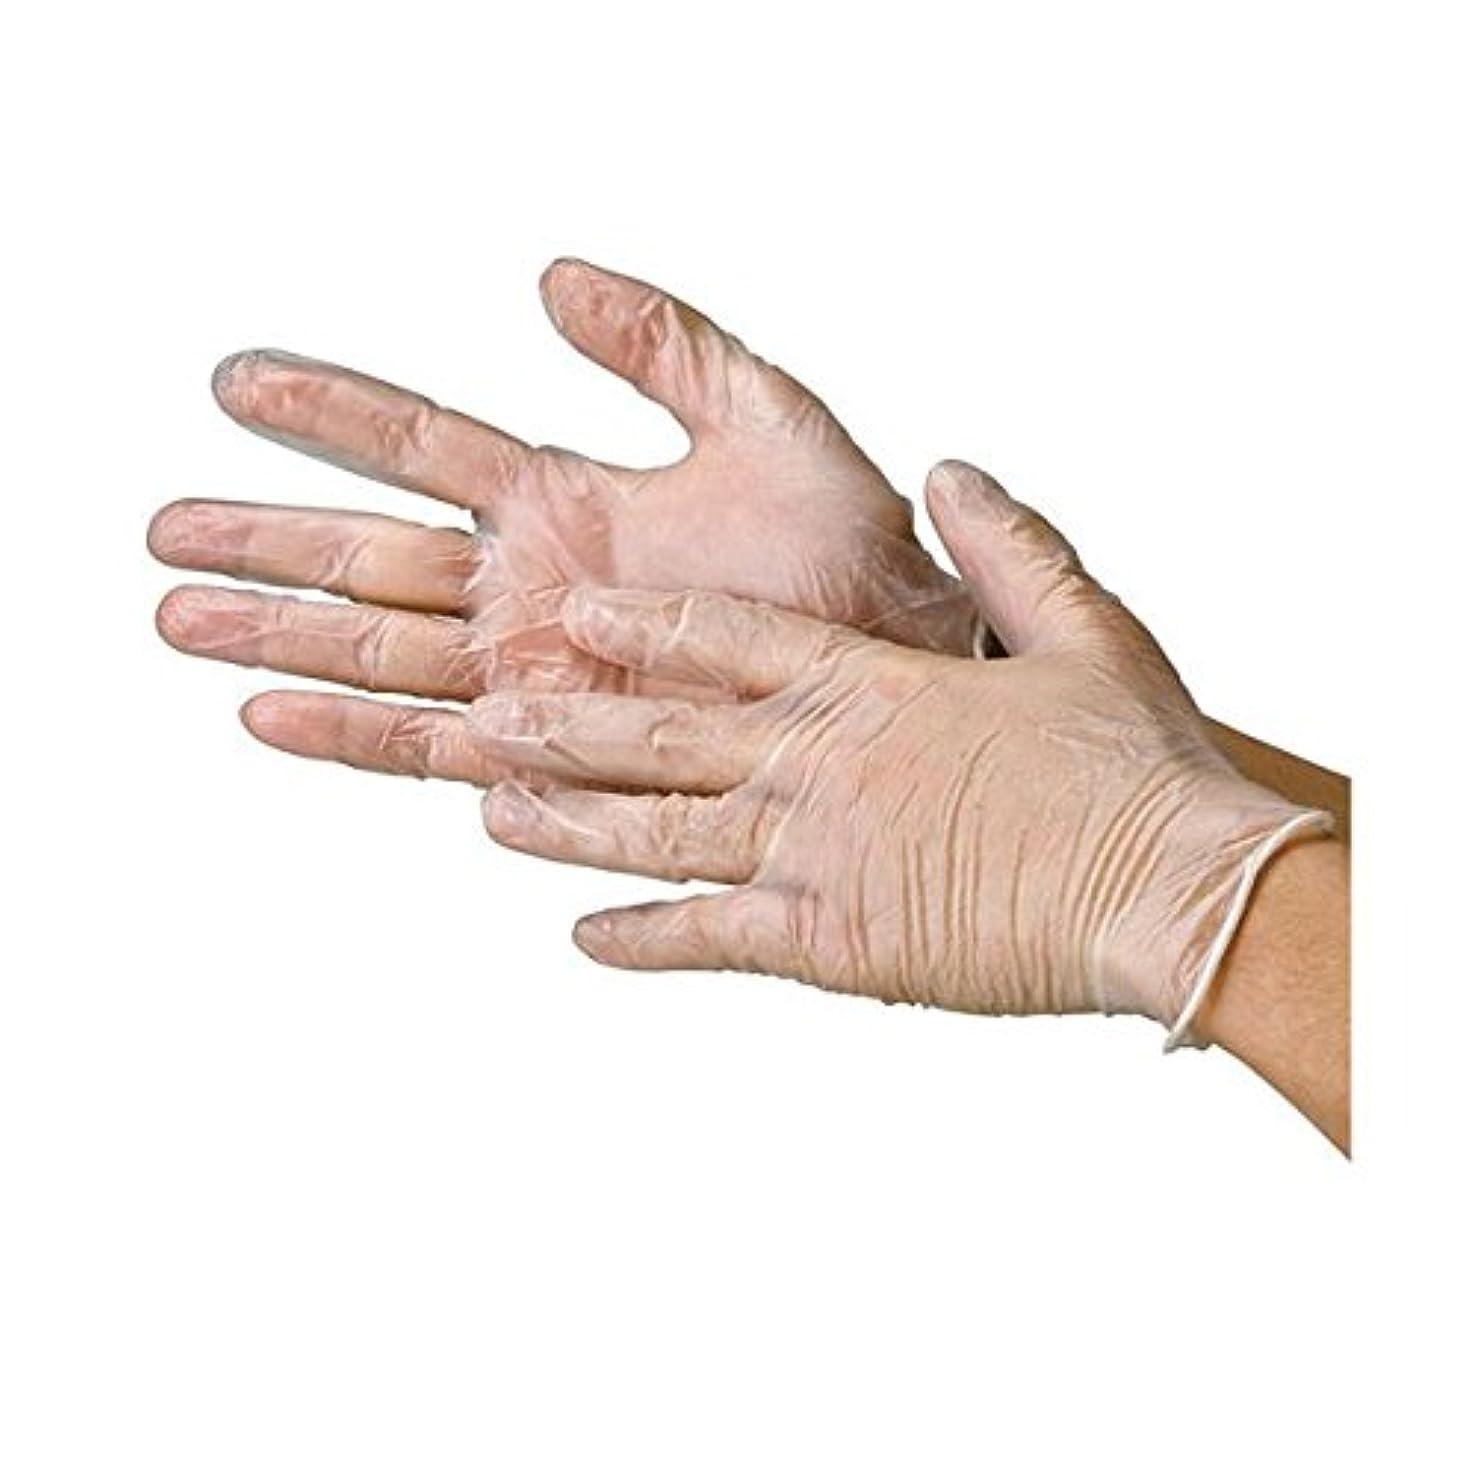 性能思い出す不良川西工業 ビニール極薄手袋 粉つき S 20袋 ds-1915764